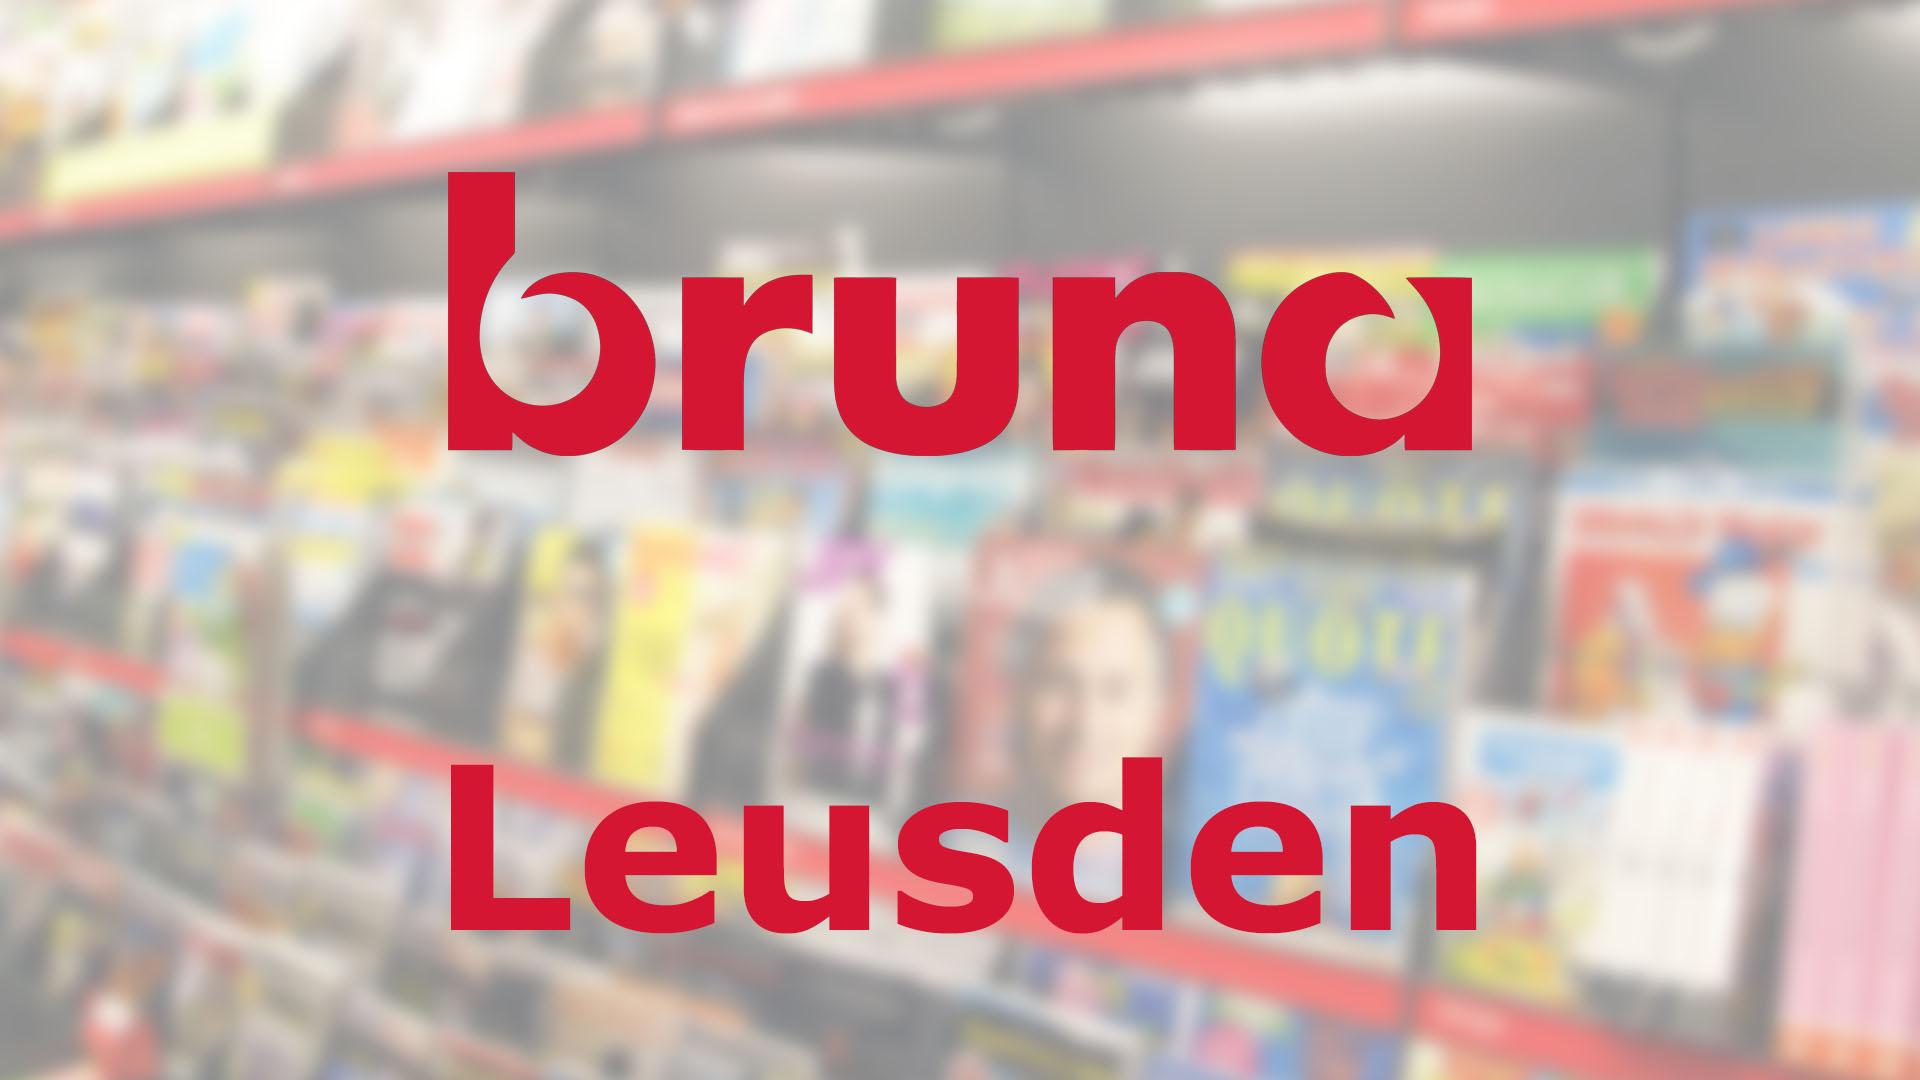 Bruna Leusden